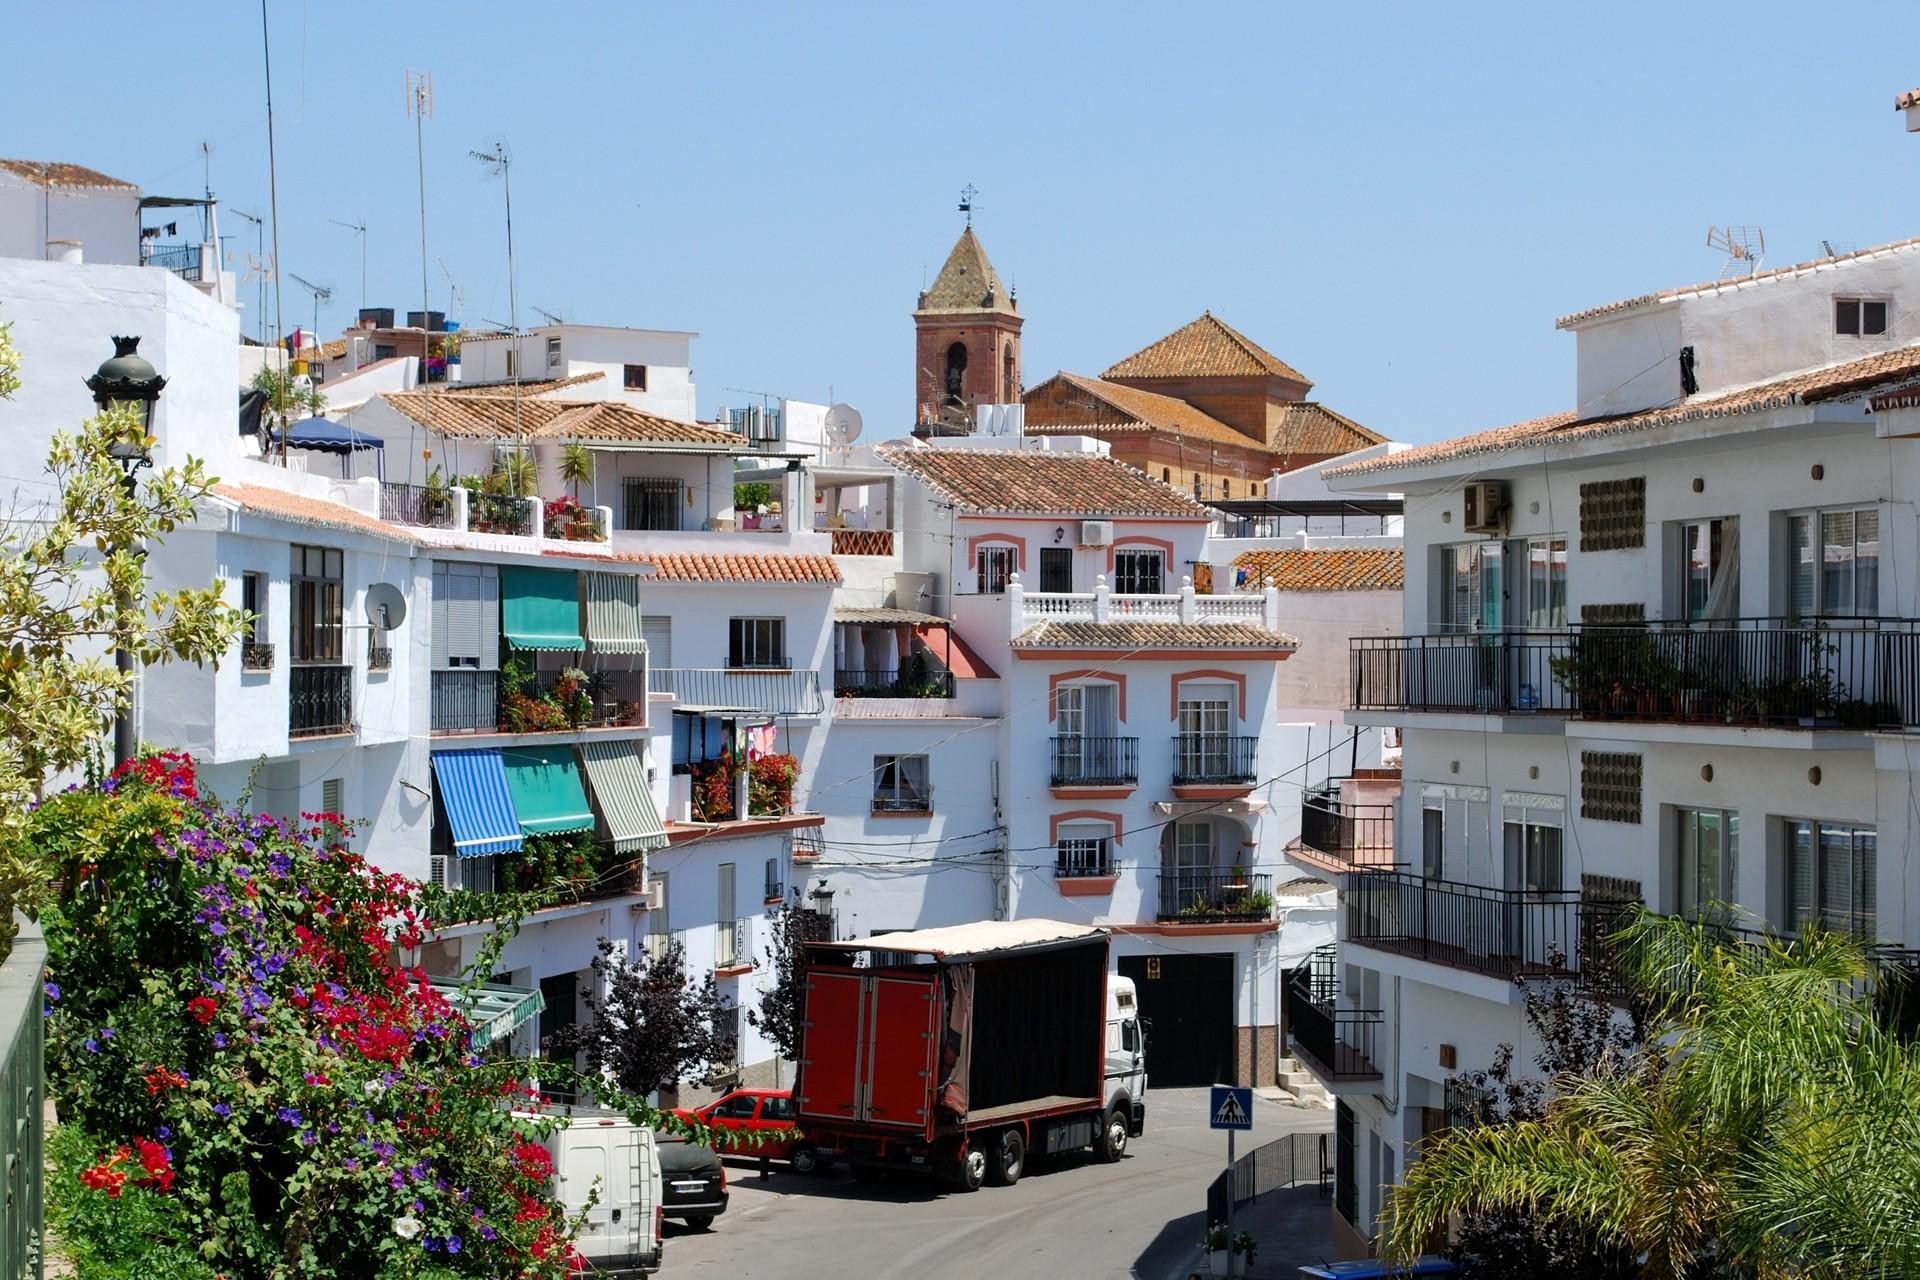 Vakantie torrox tui - Venta de apartamentos en torrox costa ...